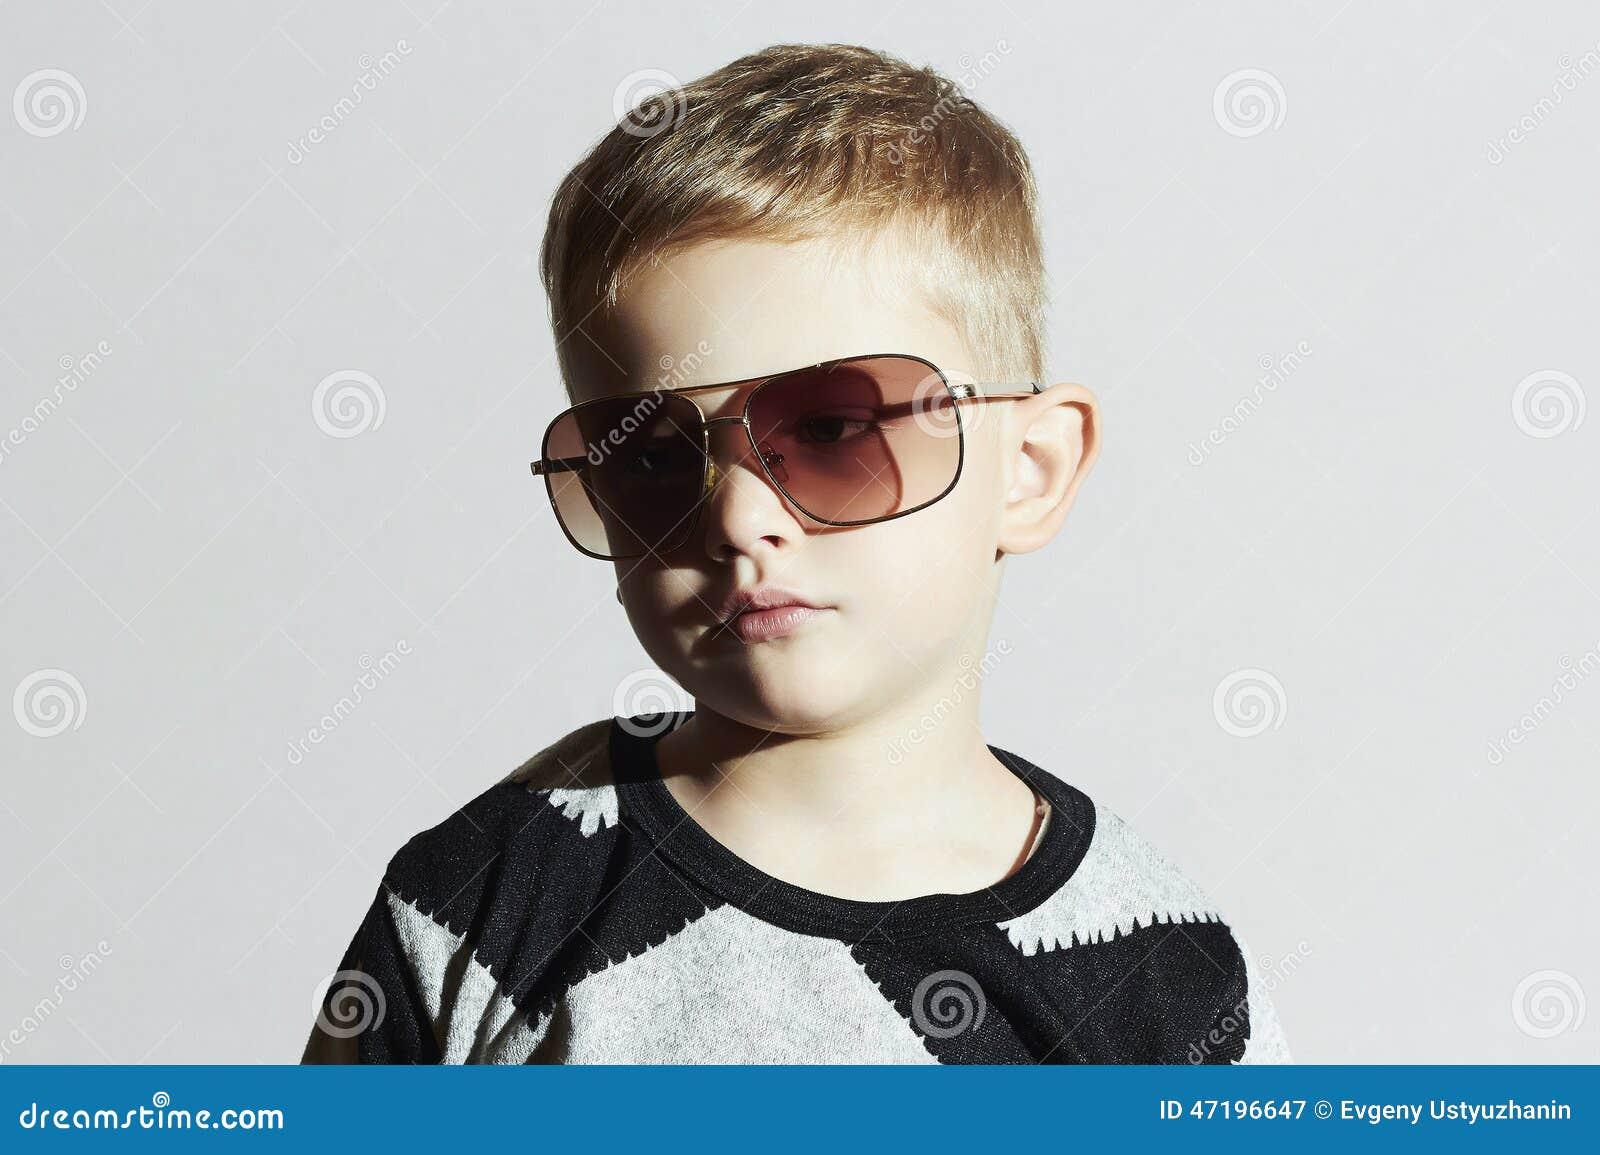 Child In Little Boy Kids Fashion